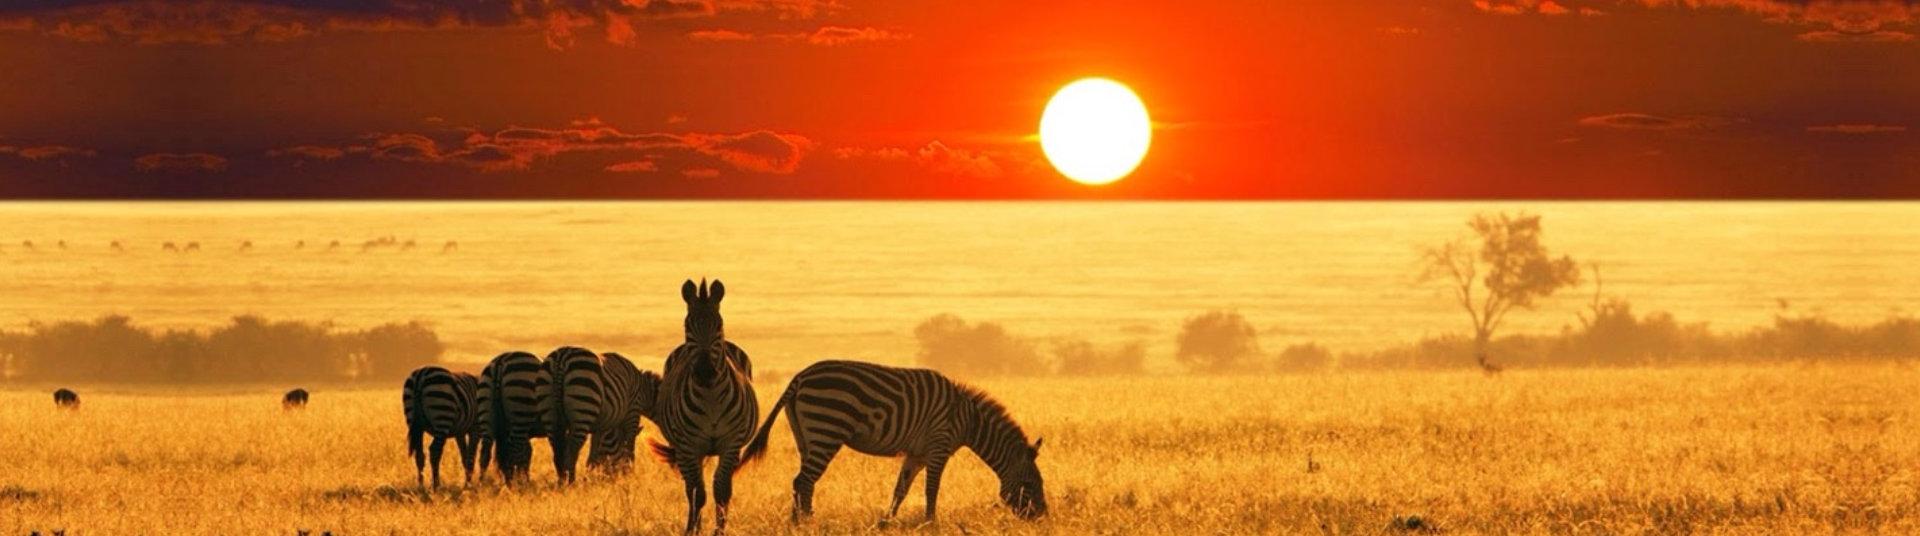 zebras in the field